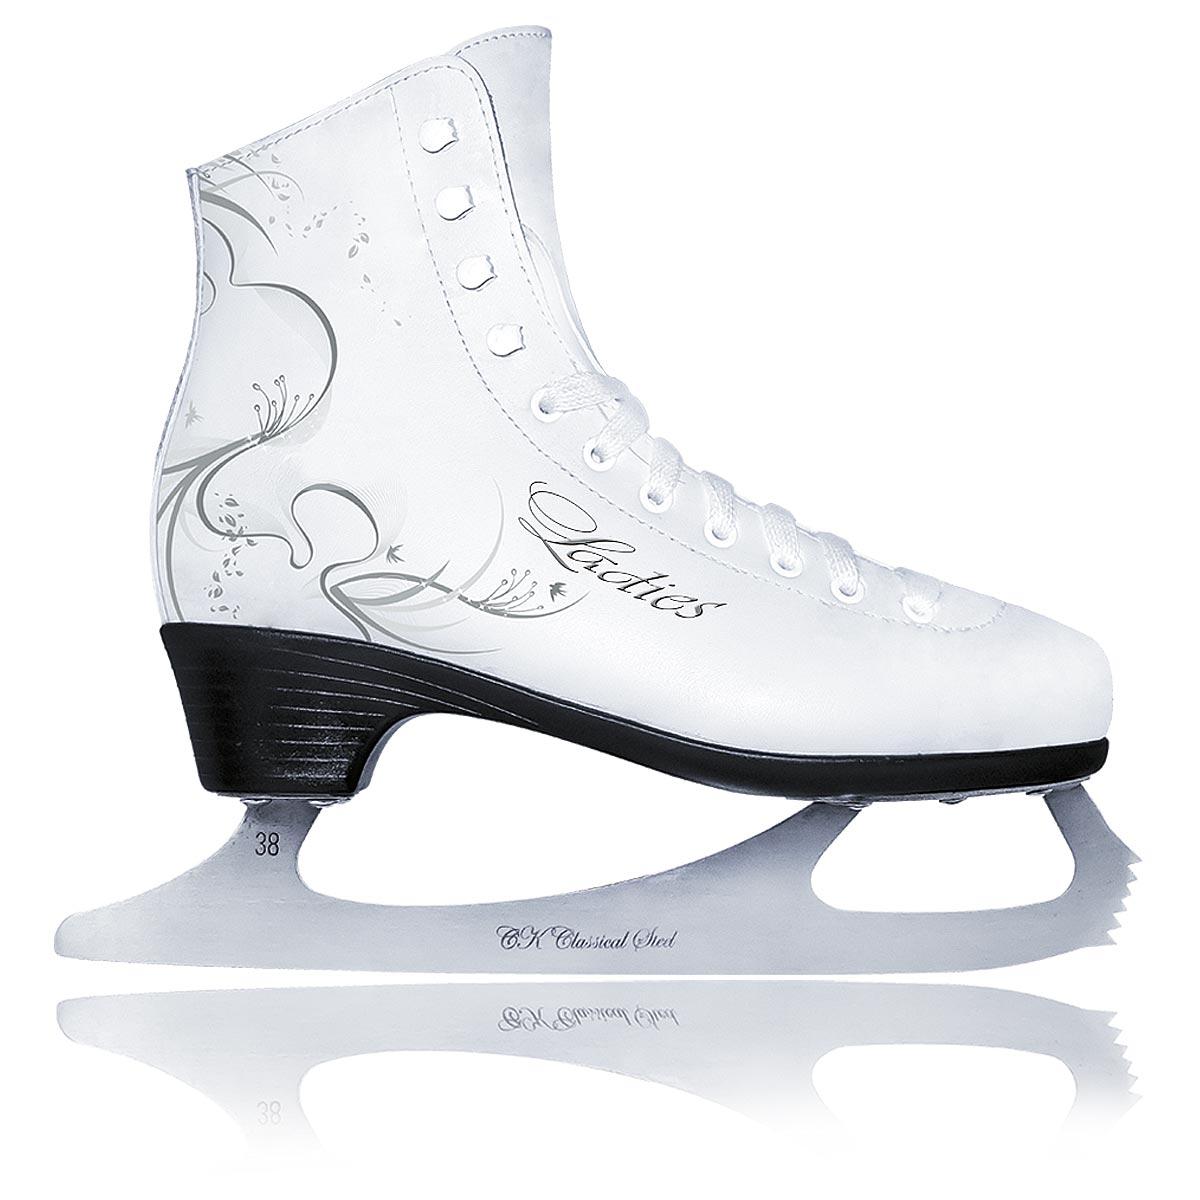 Коньки фигурные женские СК Ladies Lux Leather, цвет: белый. Размер 39LADIES LUX leather_белый_39